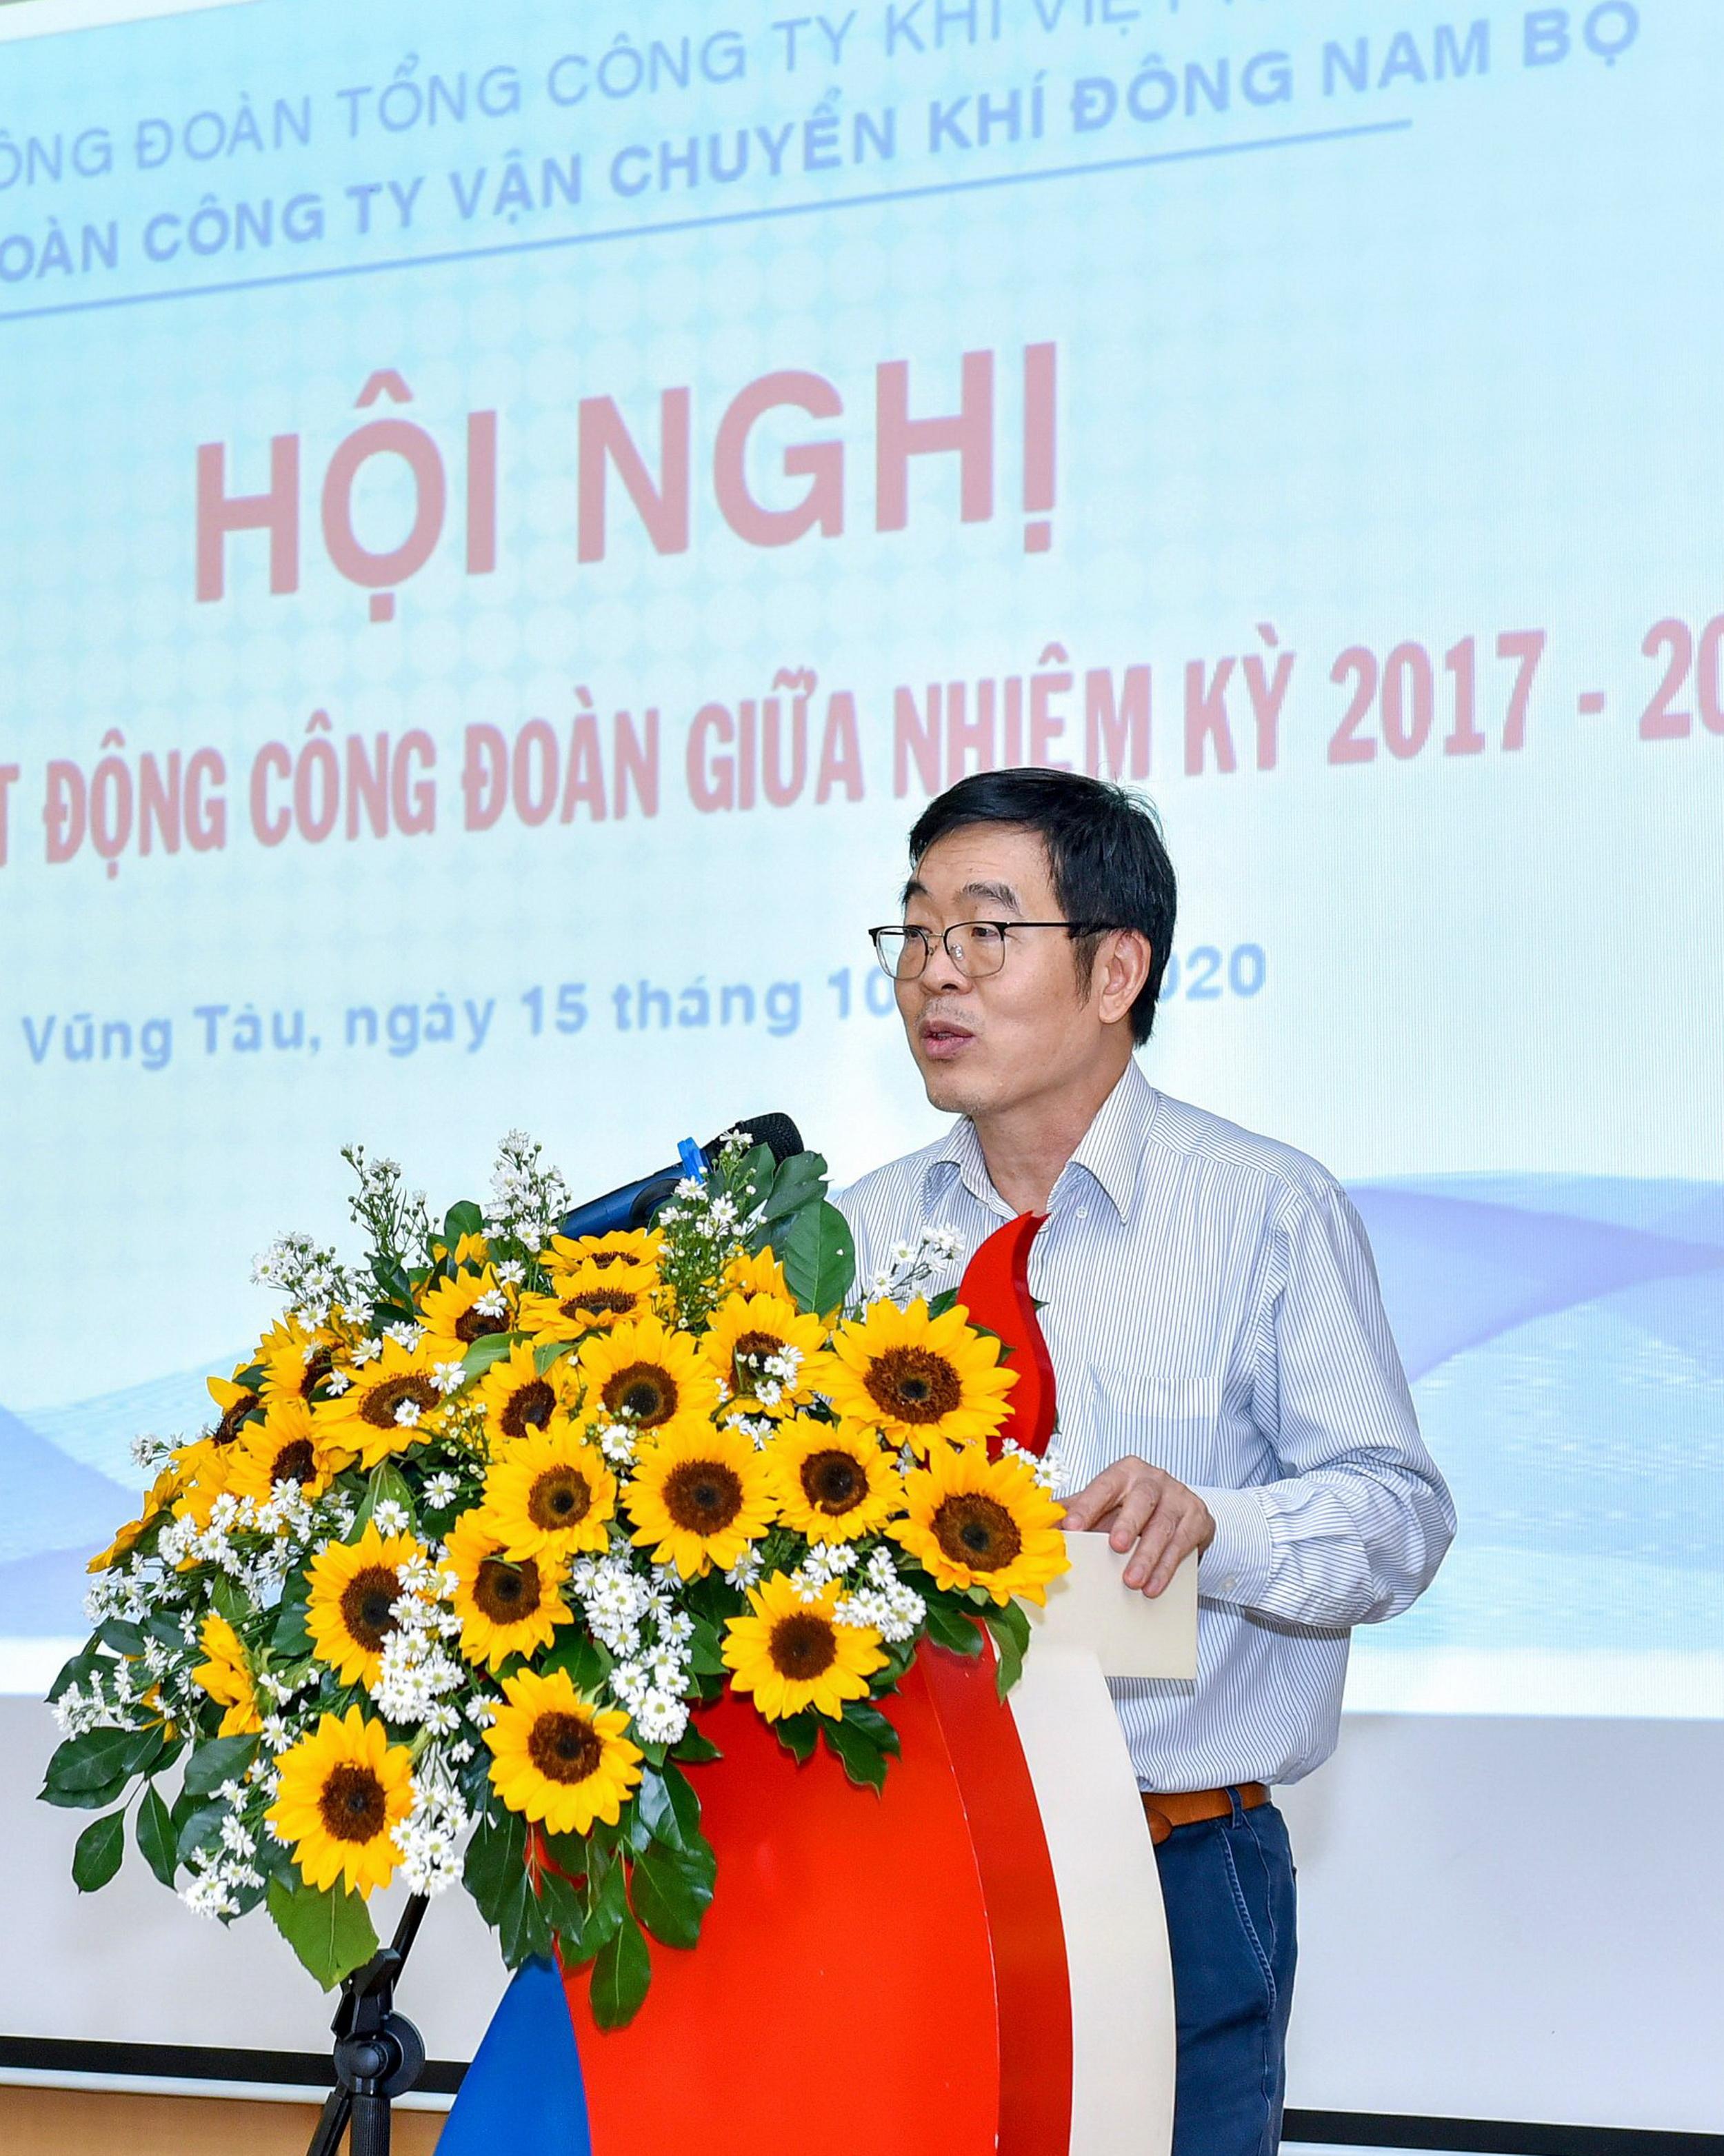 Phát biểu của Chủ tịch Công đoàn PV GAS Nguyễn Văn Hùng